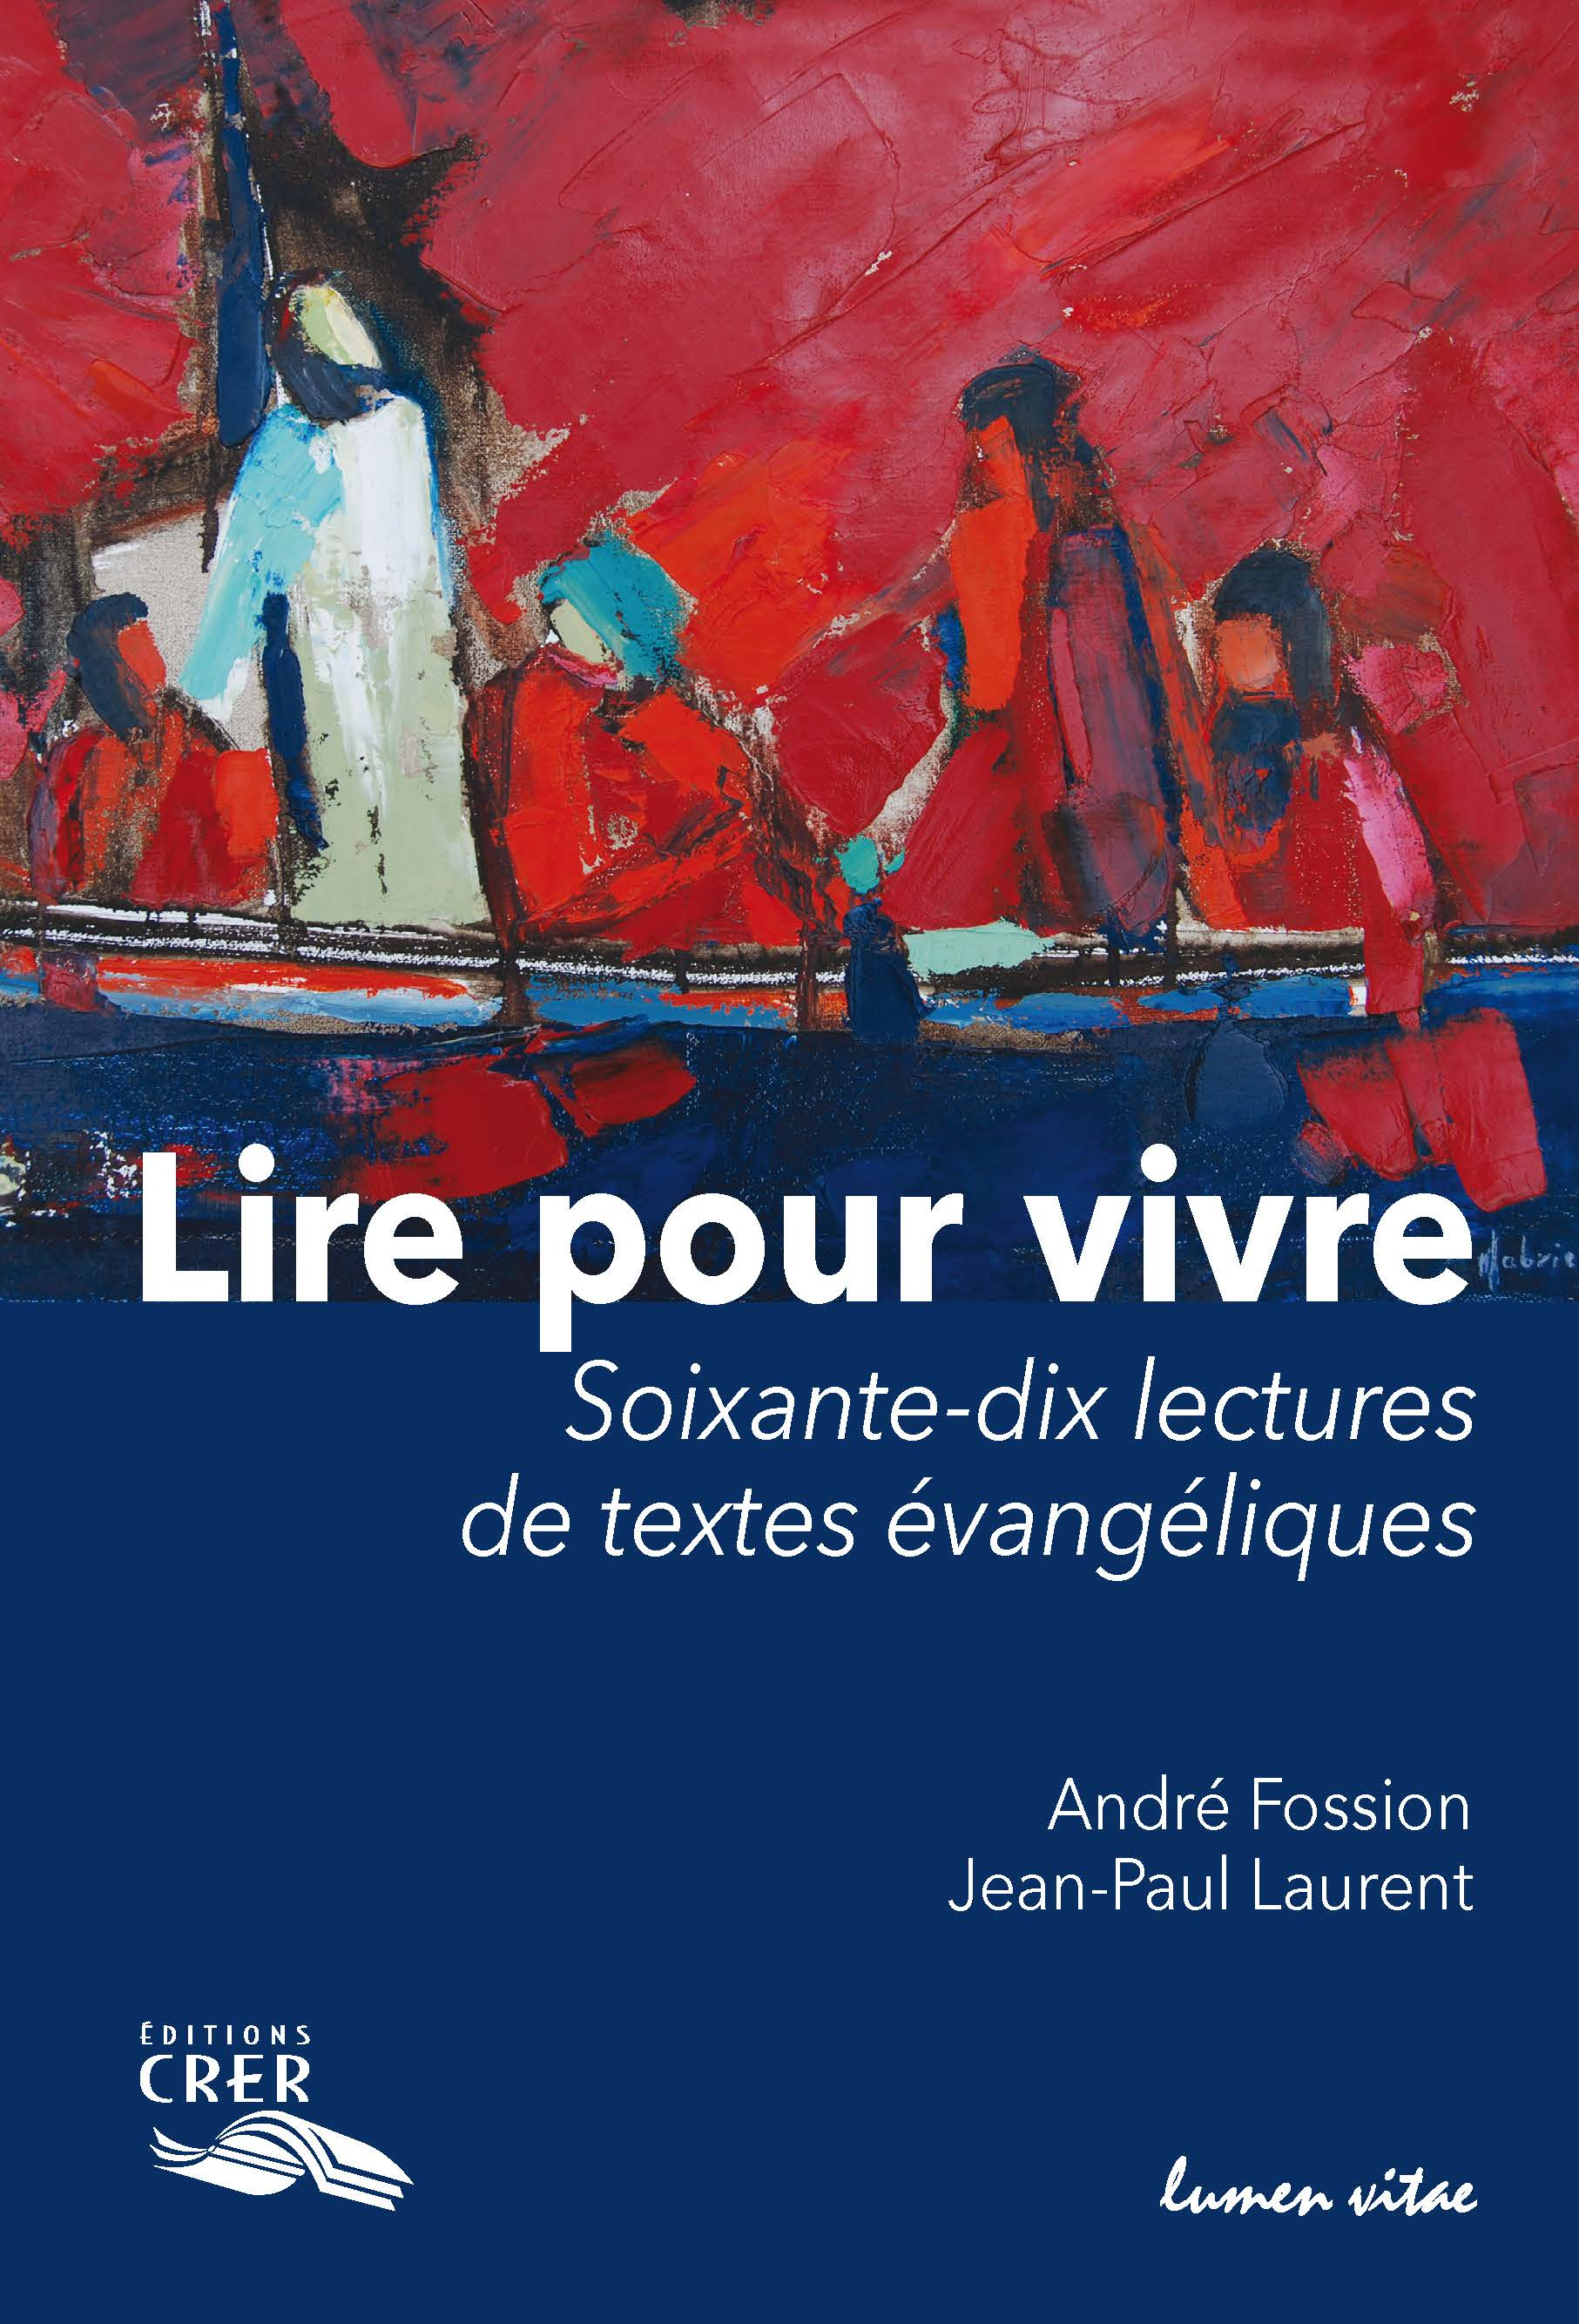 lire-pour-vivre-couv